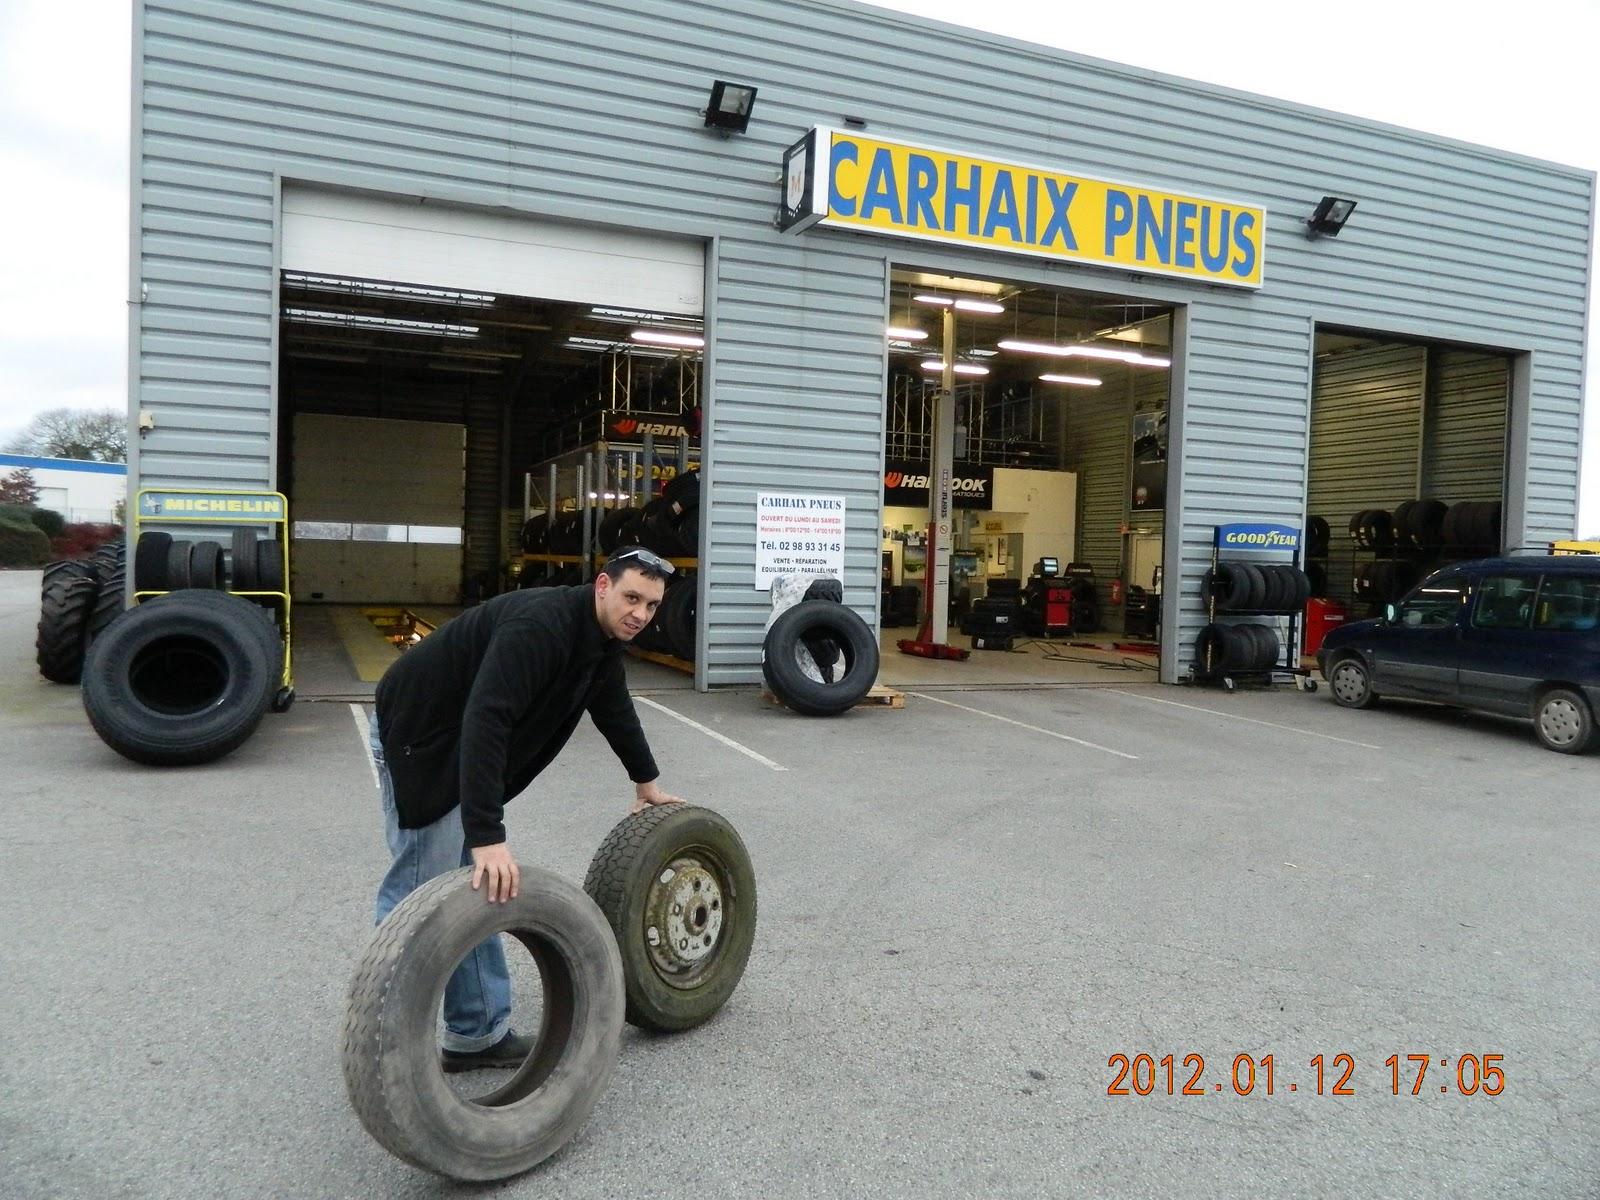 bretagne mali via carhaix dakar 2012 le bon pneu est mont sur la jante plus vite que dans le. Black Bedroom Furniture Sets. Home Design Ideas